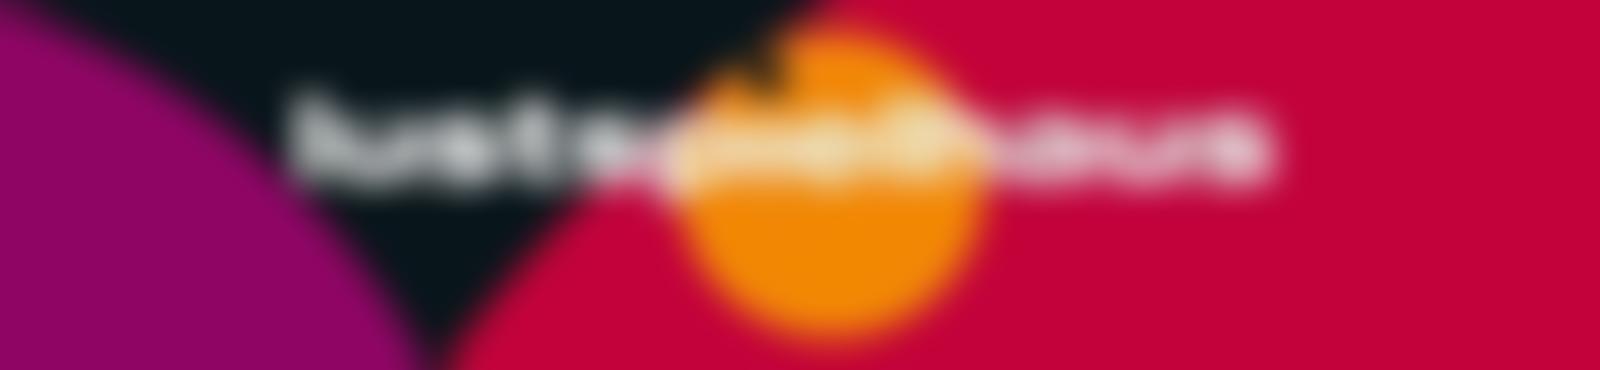 Blurred 224529 10152141957995253 1651690747 n